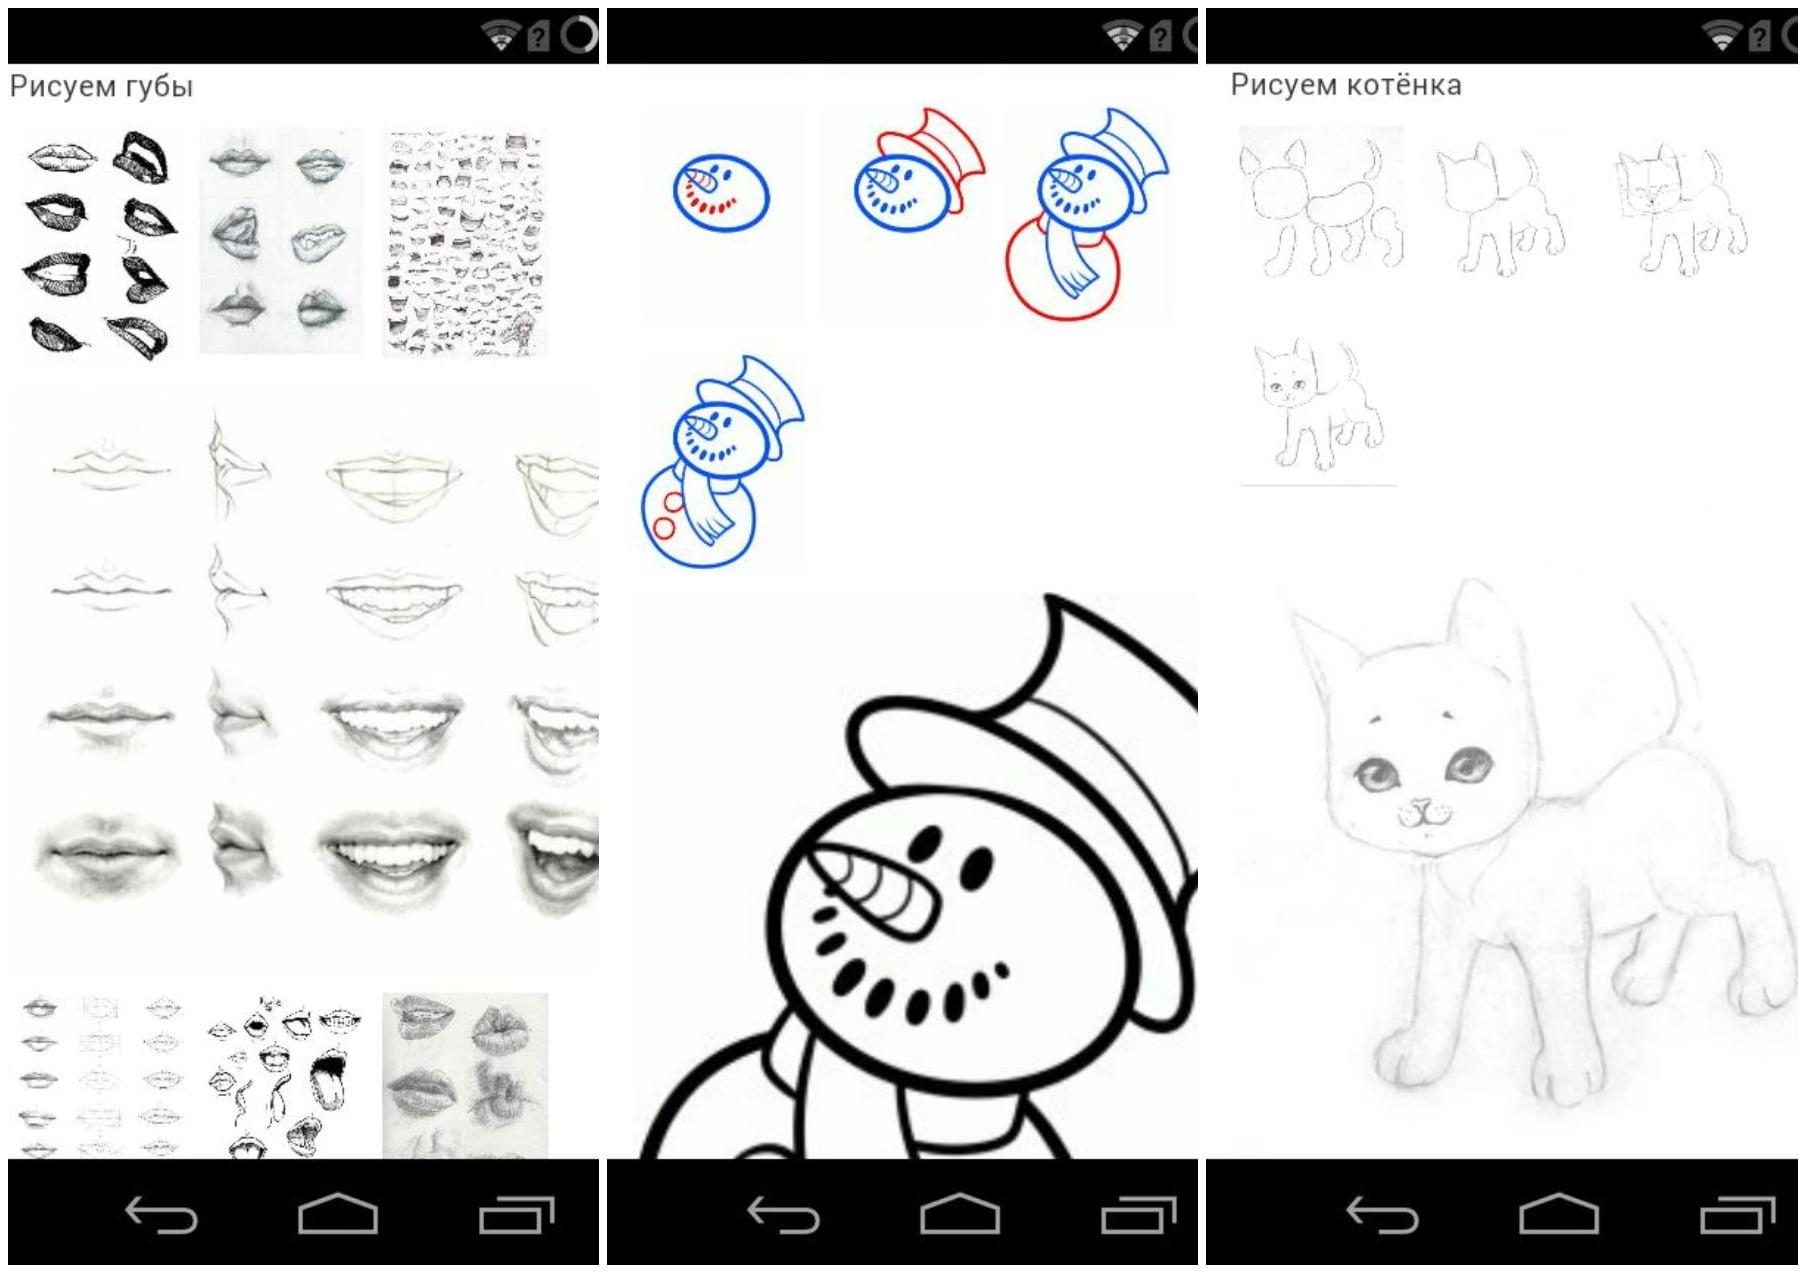 На фото изображены рисунки карандашом в телефоне